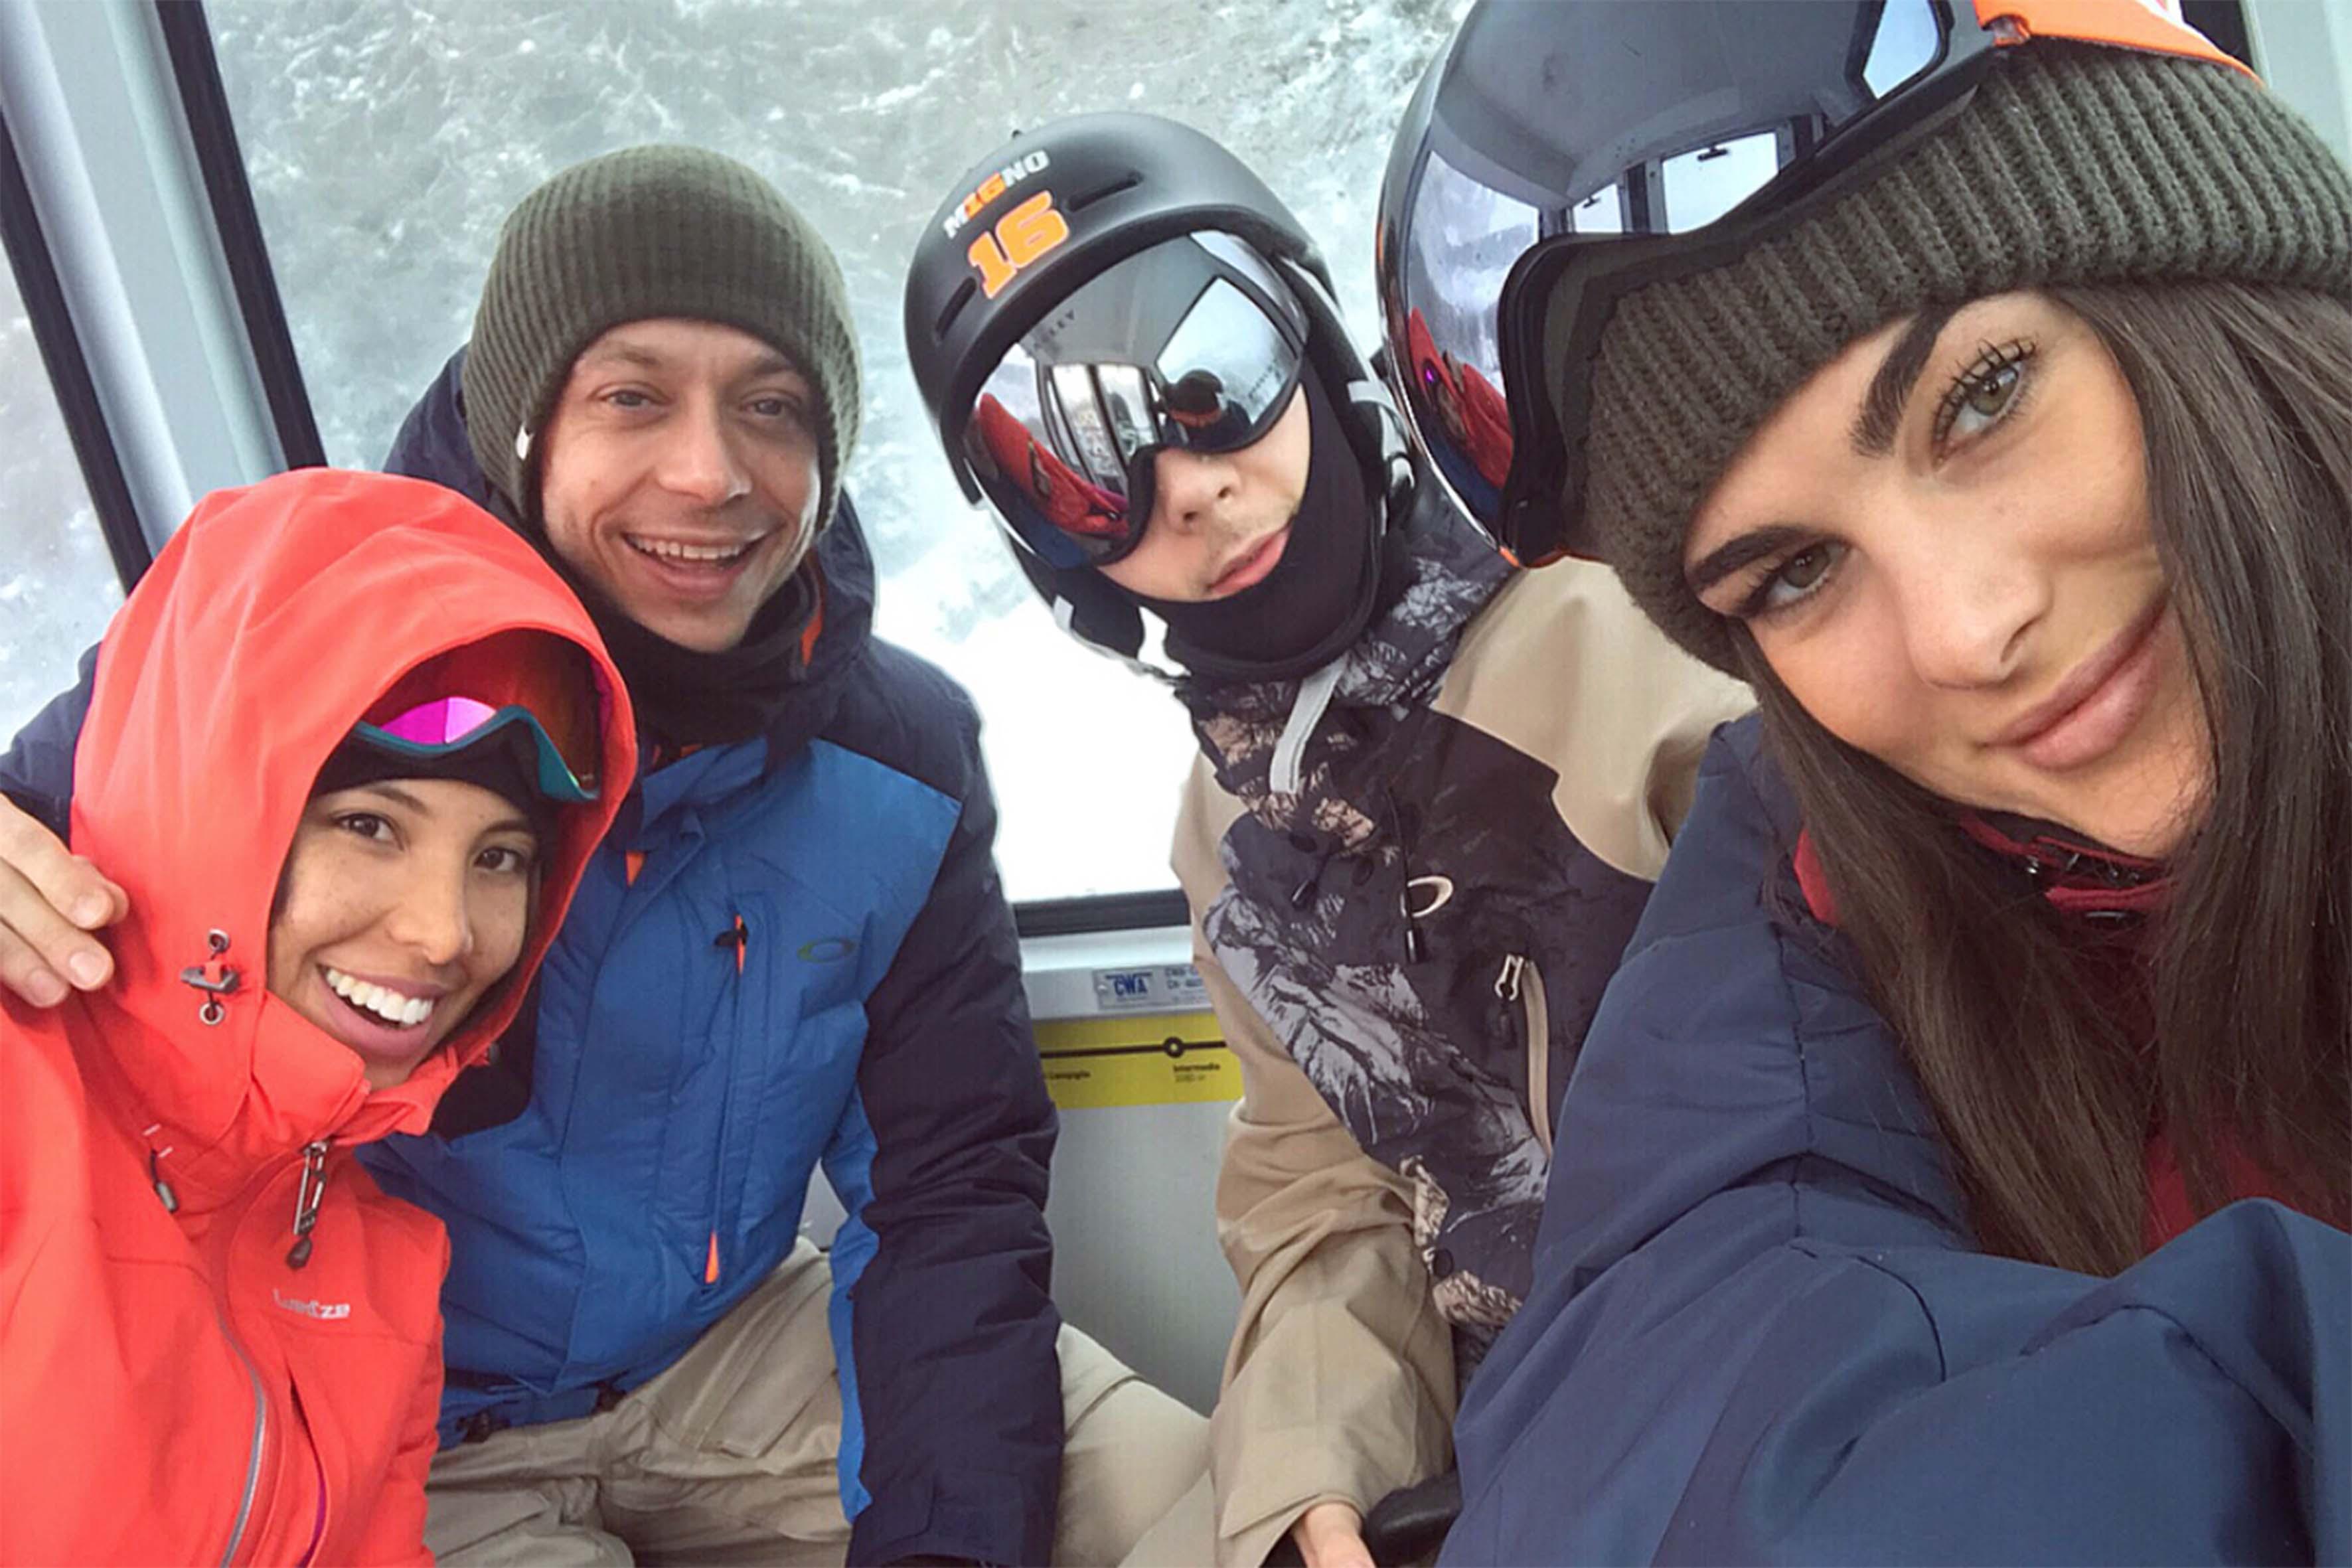 Foto di gruppo postata su Instagram da un'amica di Francesca, Carmen Victoria Rodriguez, in rosso accanto a Valentino. Francesca Sofia Novello è in primo piano e ha scattato la foto